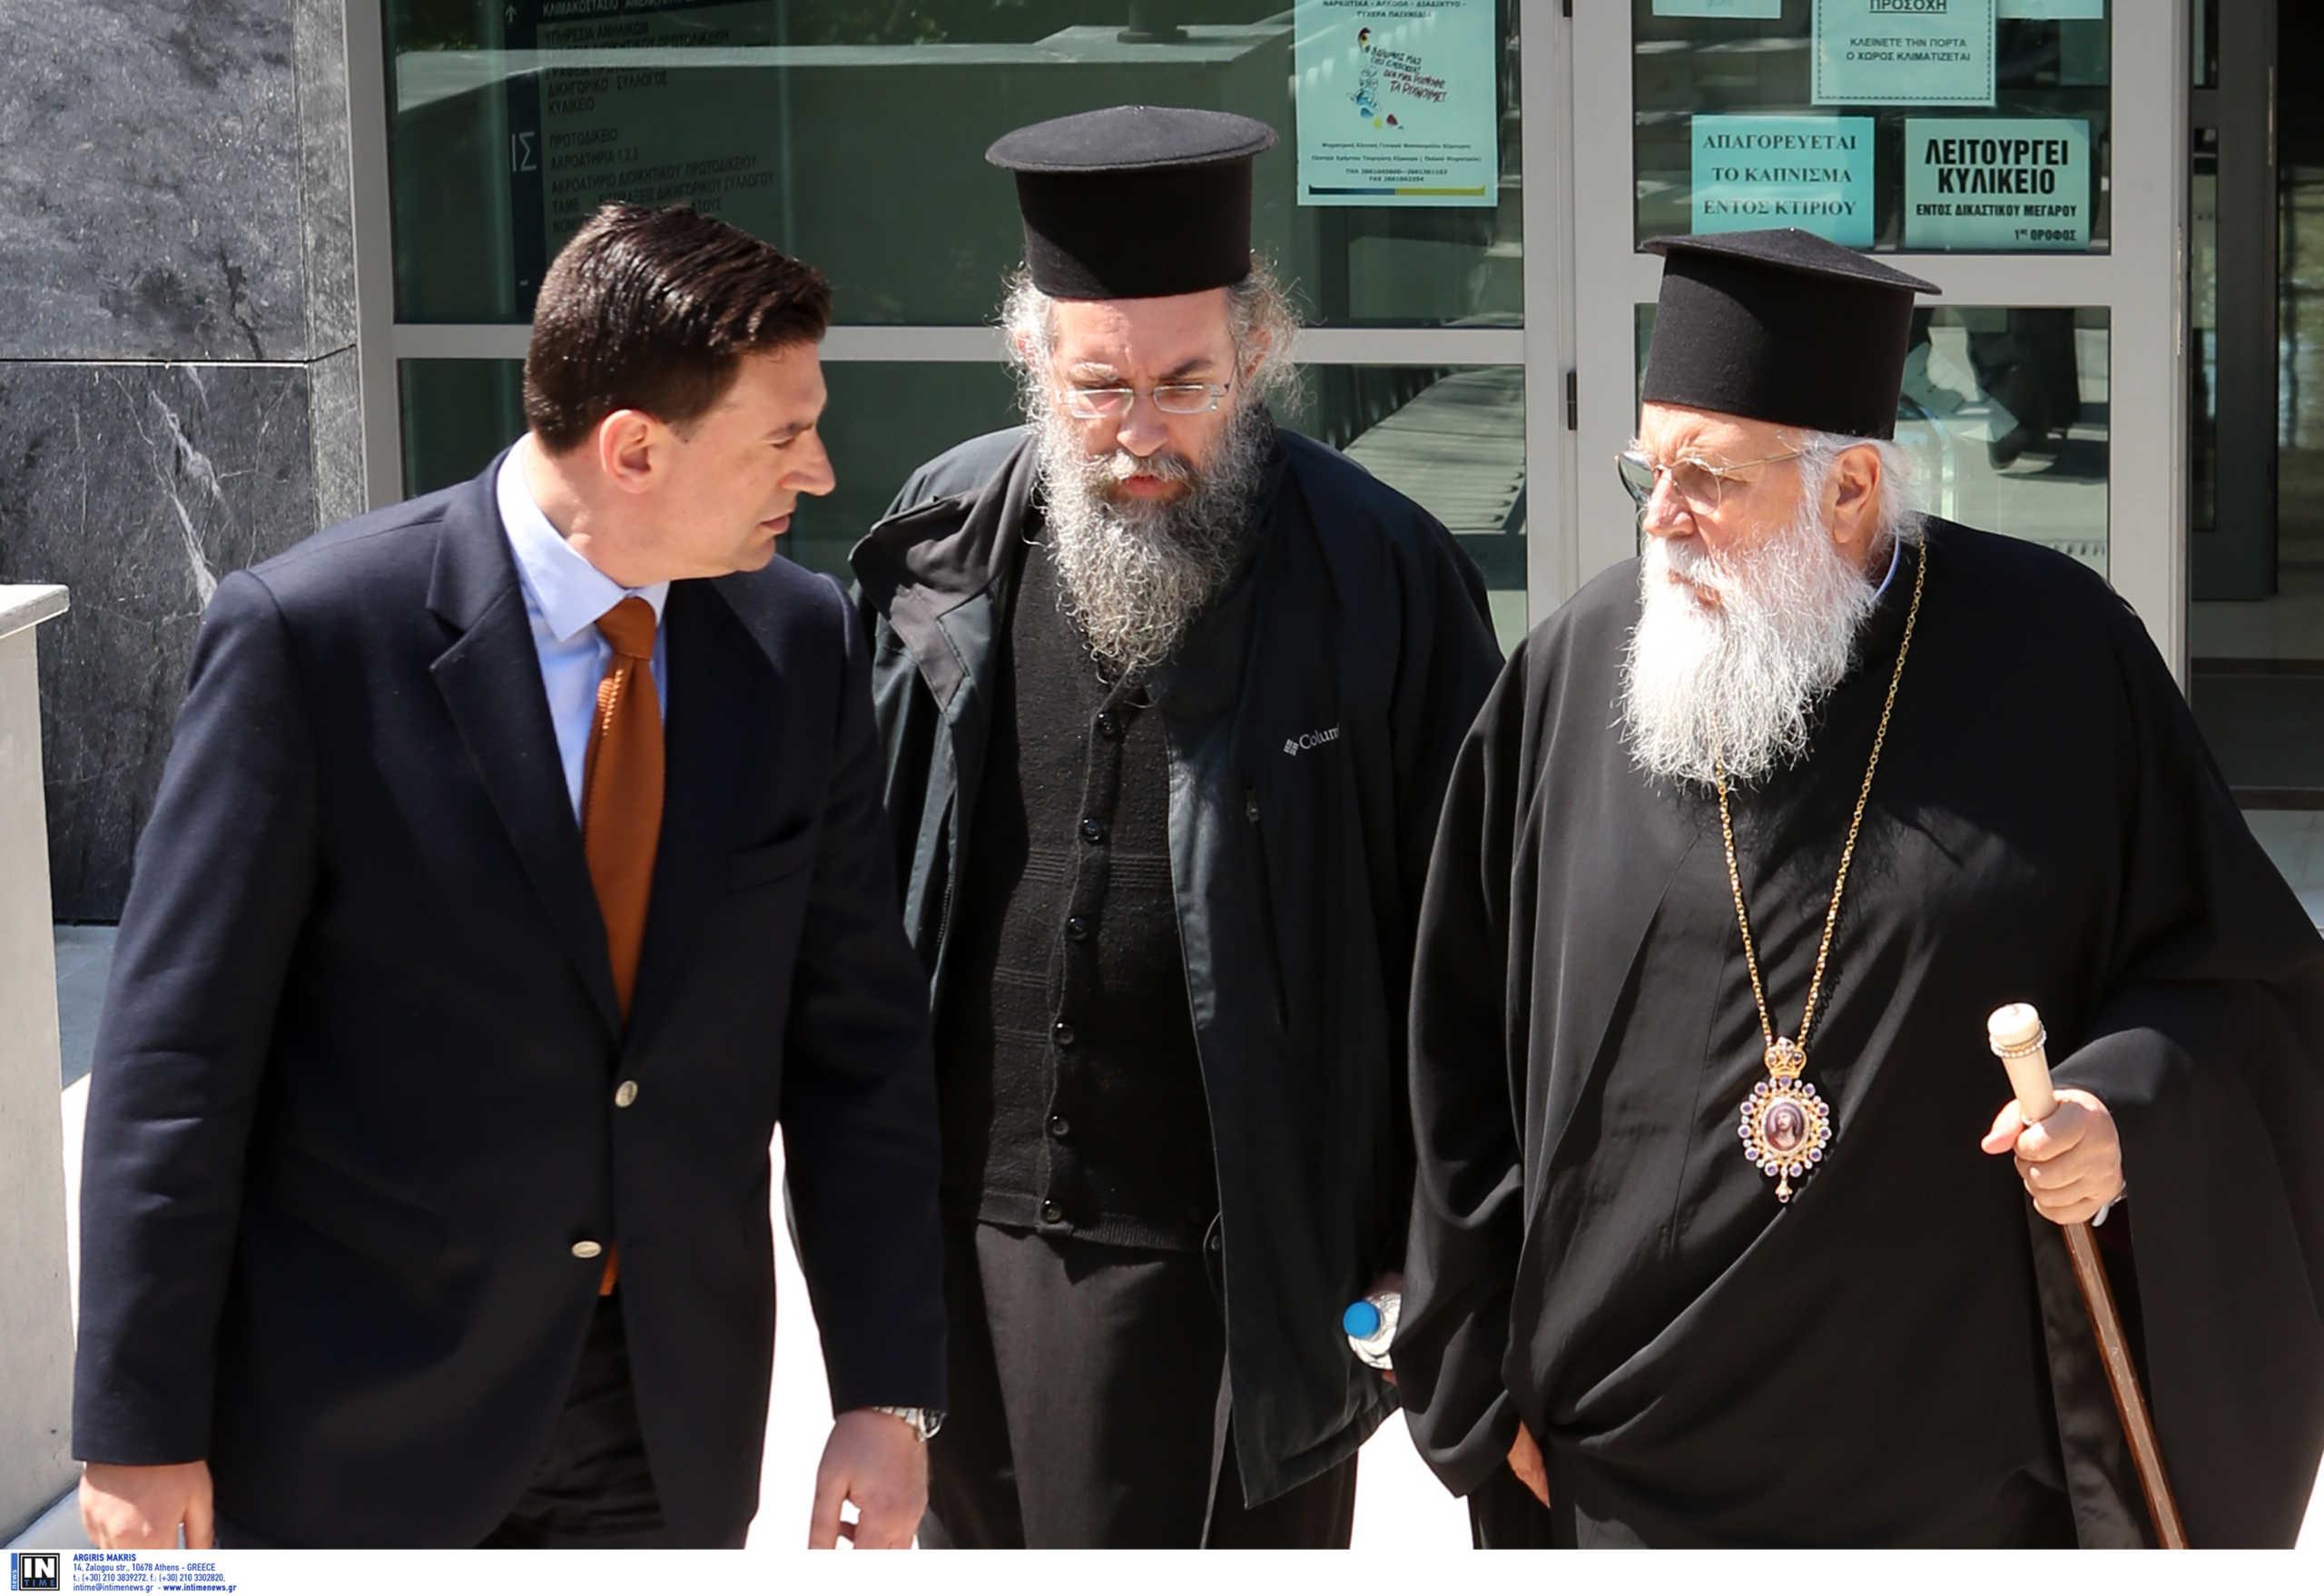 Αμετανόητος ο μητροπολίτης Κέρκυρας – «Δεν έχει απαγορευτεί η θεία κοινωνία», δηλώνει ο δικηγόρος του